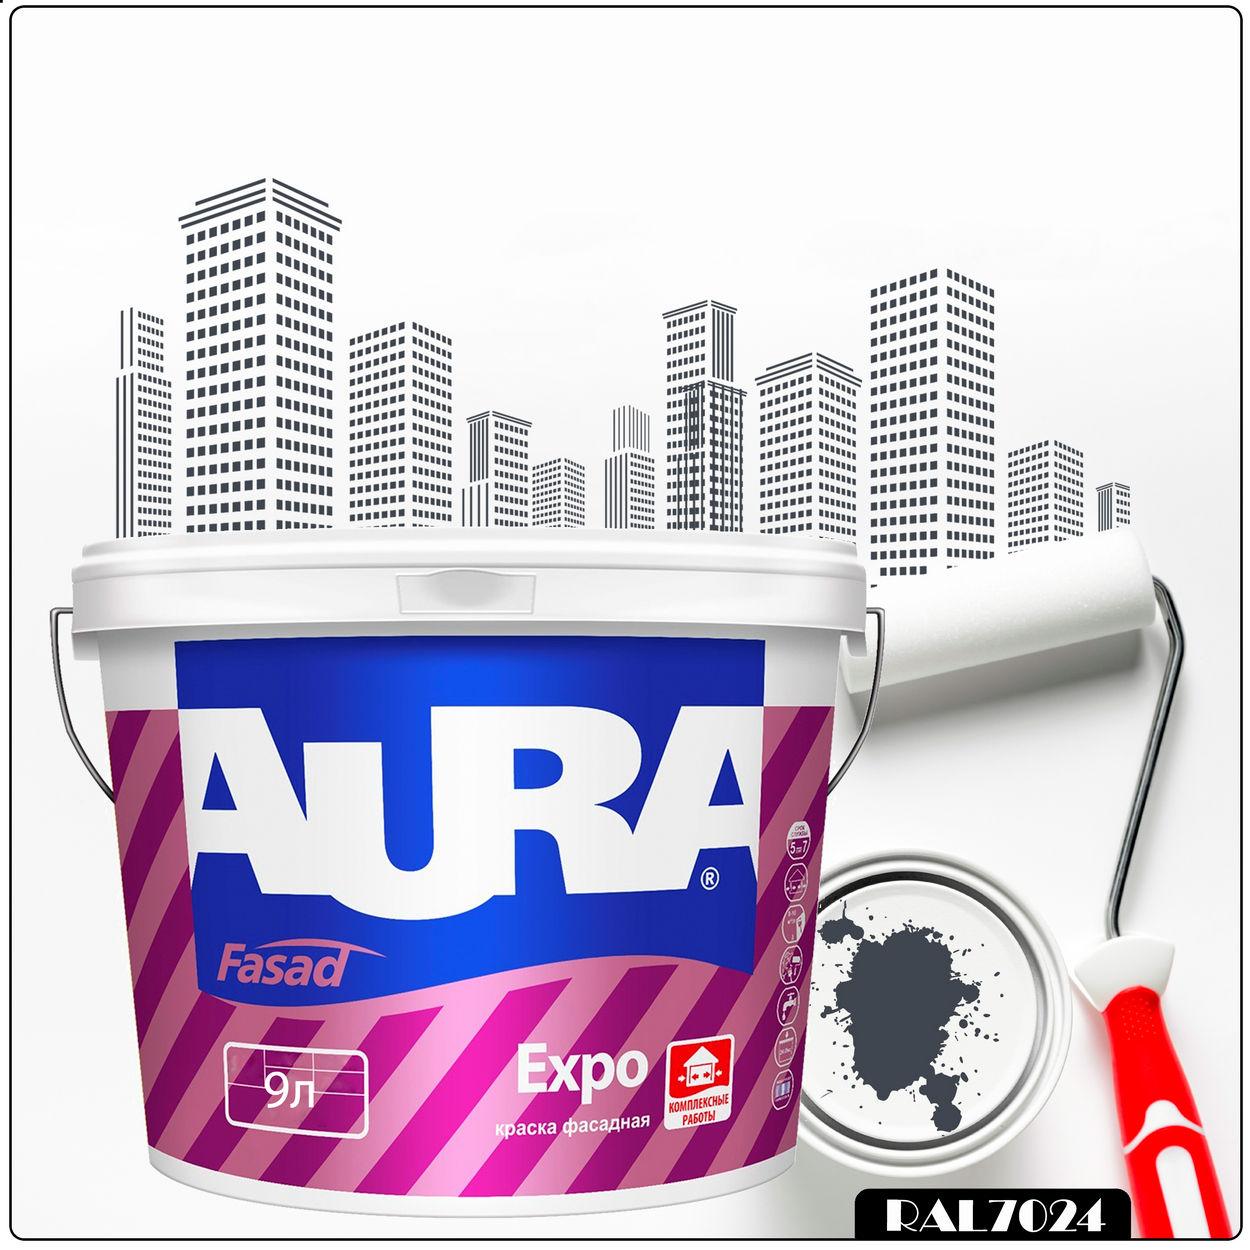 Фото 1 - Краска Aura Fasad Expo, RAL 7024 Графитовый серый, матовая, для фасадов и помещений с повышенной влажностью, 9л.